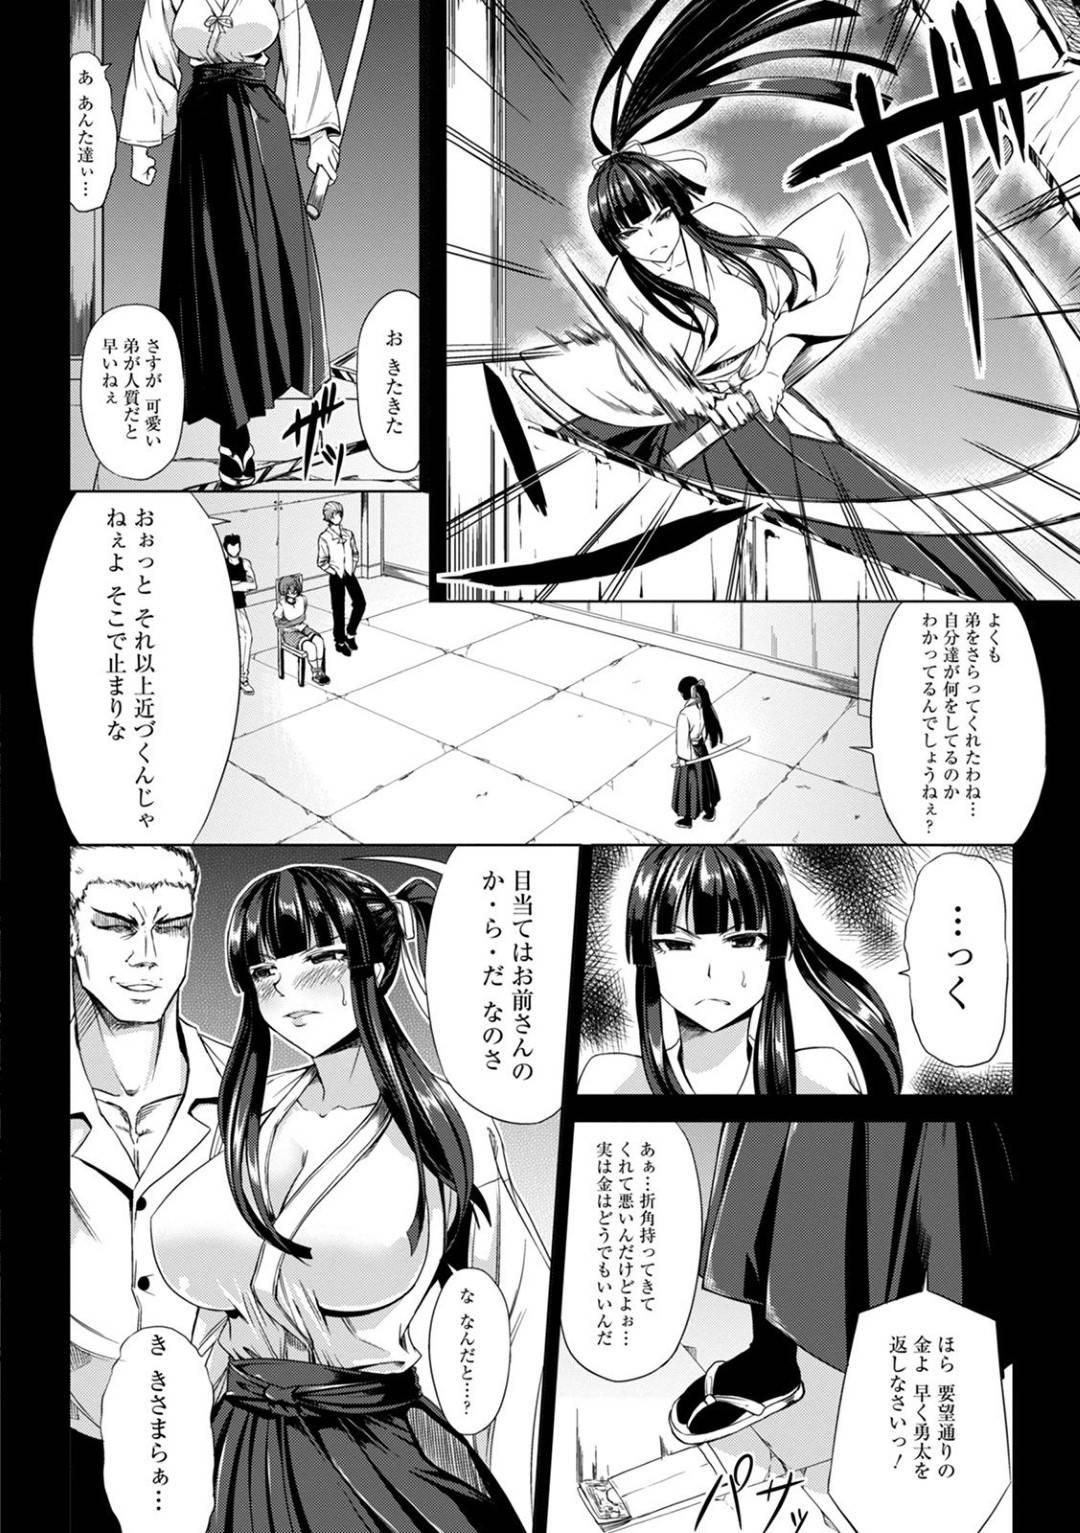 【エロ漫画】巨乳でポニーテールの女剣士の姉…剣術家の姉と2人で暮らしていた弟は、男たちに誘拐されてしまい助けに来た姉は脅されレイプされる!すると目の前に、破門された男が現れ、首を絞められ生ハメアナルファックで犯される!さらに他の男達も加わり、輪姦レイプで孕ませられる!【kinntarou:道嬢破り-女剣士敗北レイプ-】